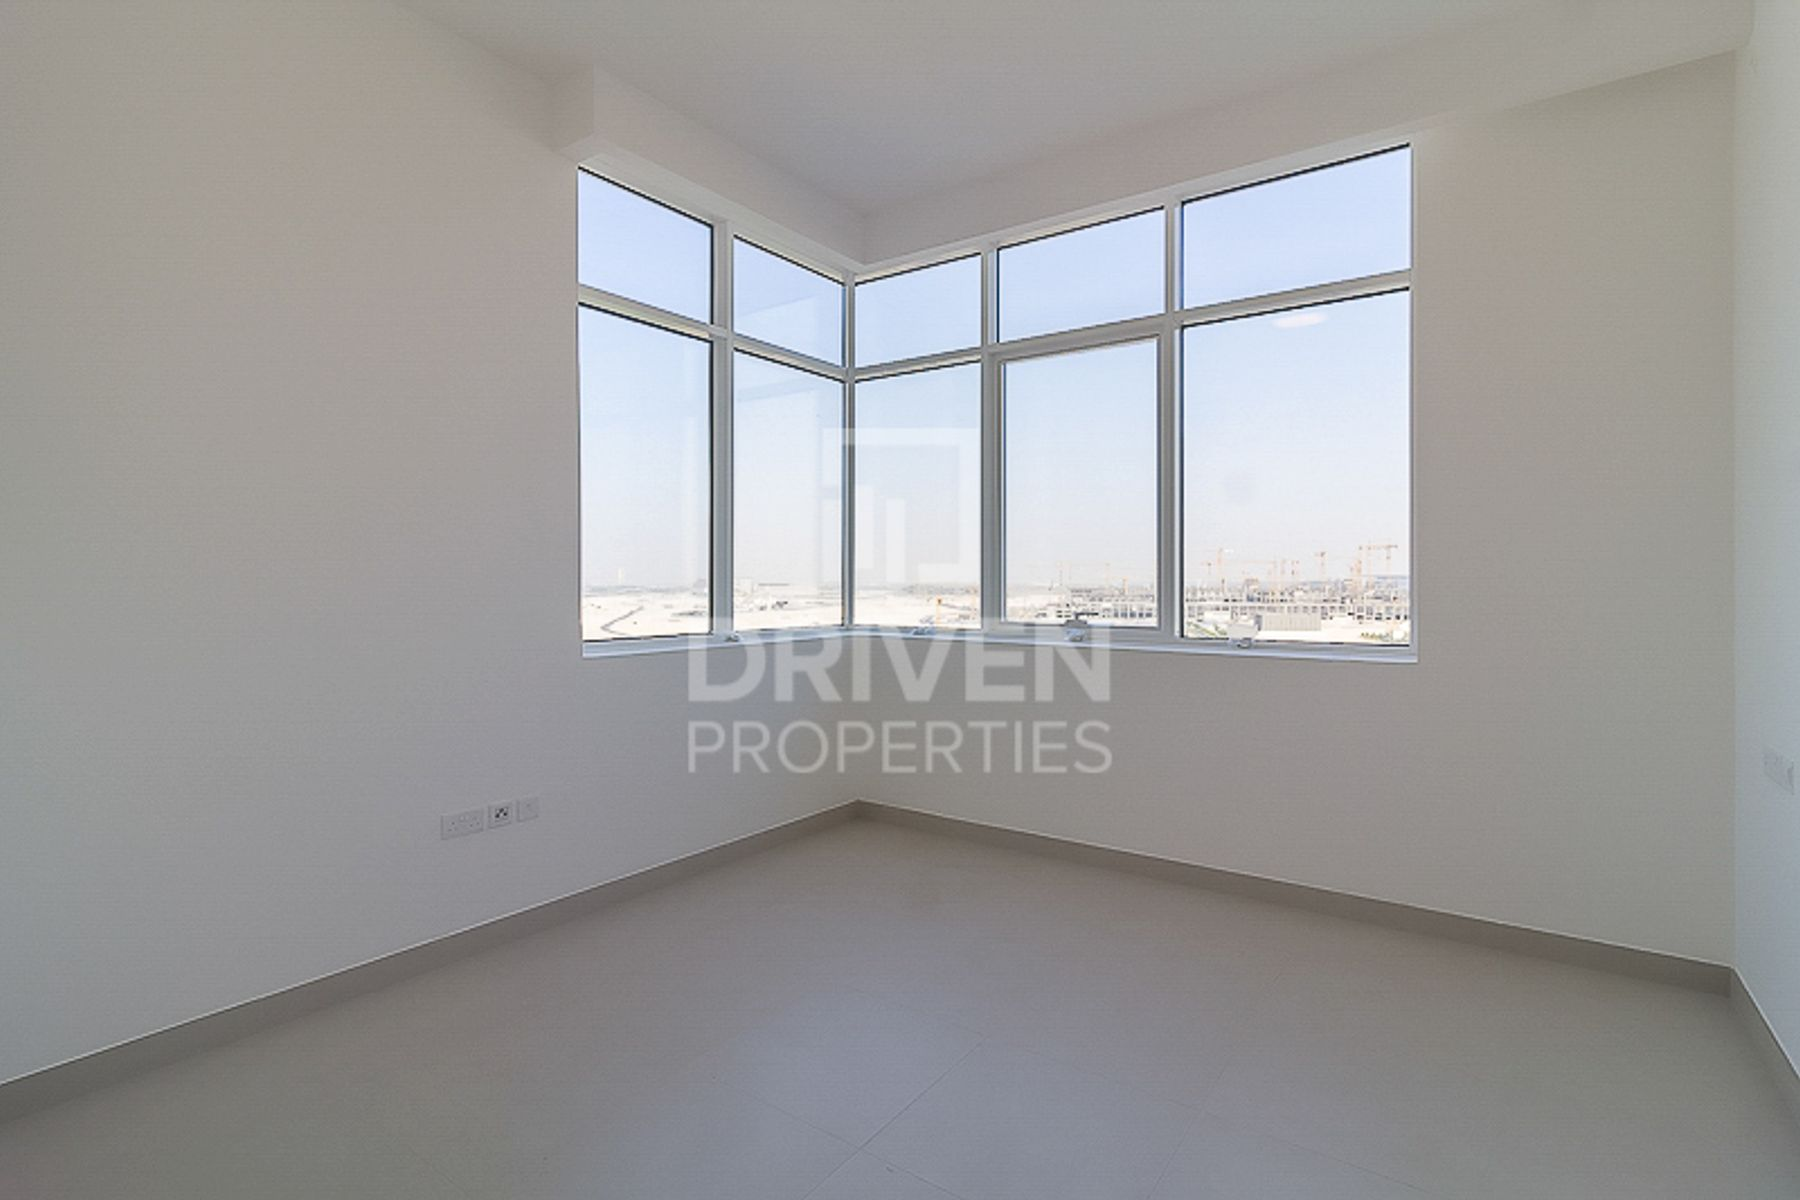 للايجار - شقة - فيزول ريزيدنس - الخليج التجاري